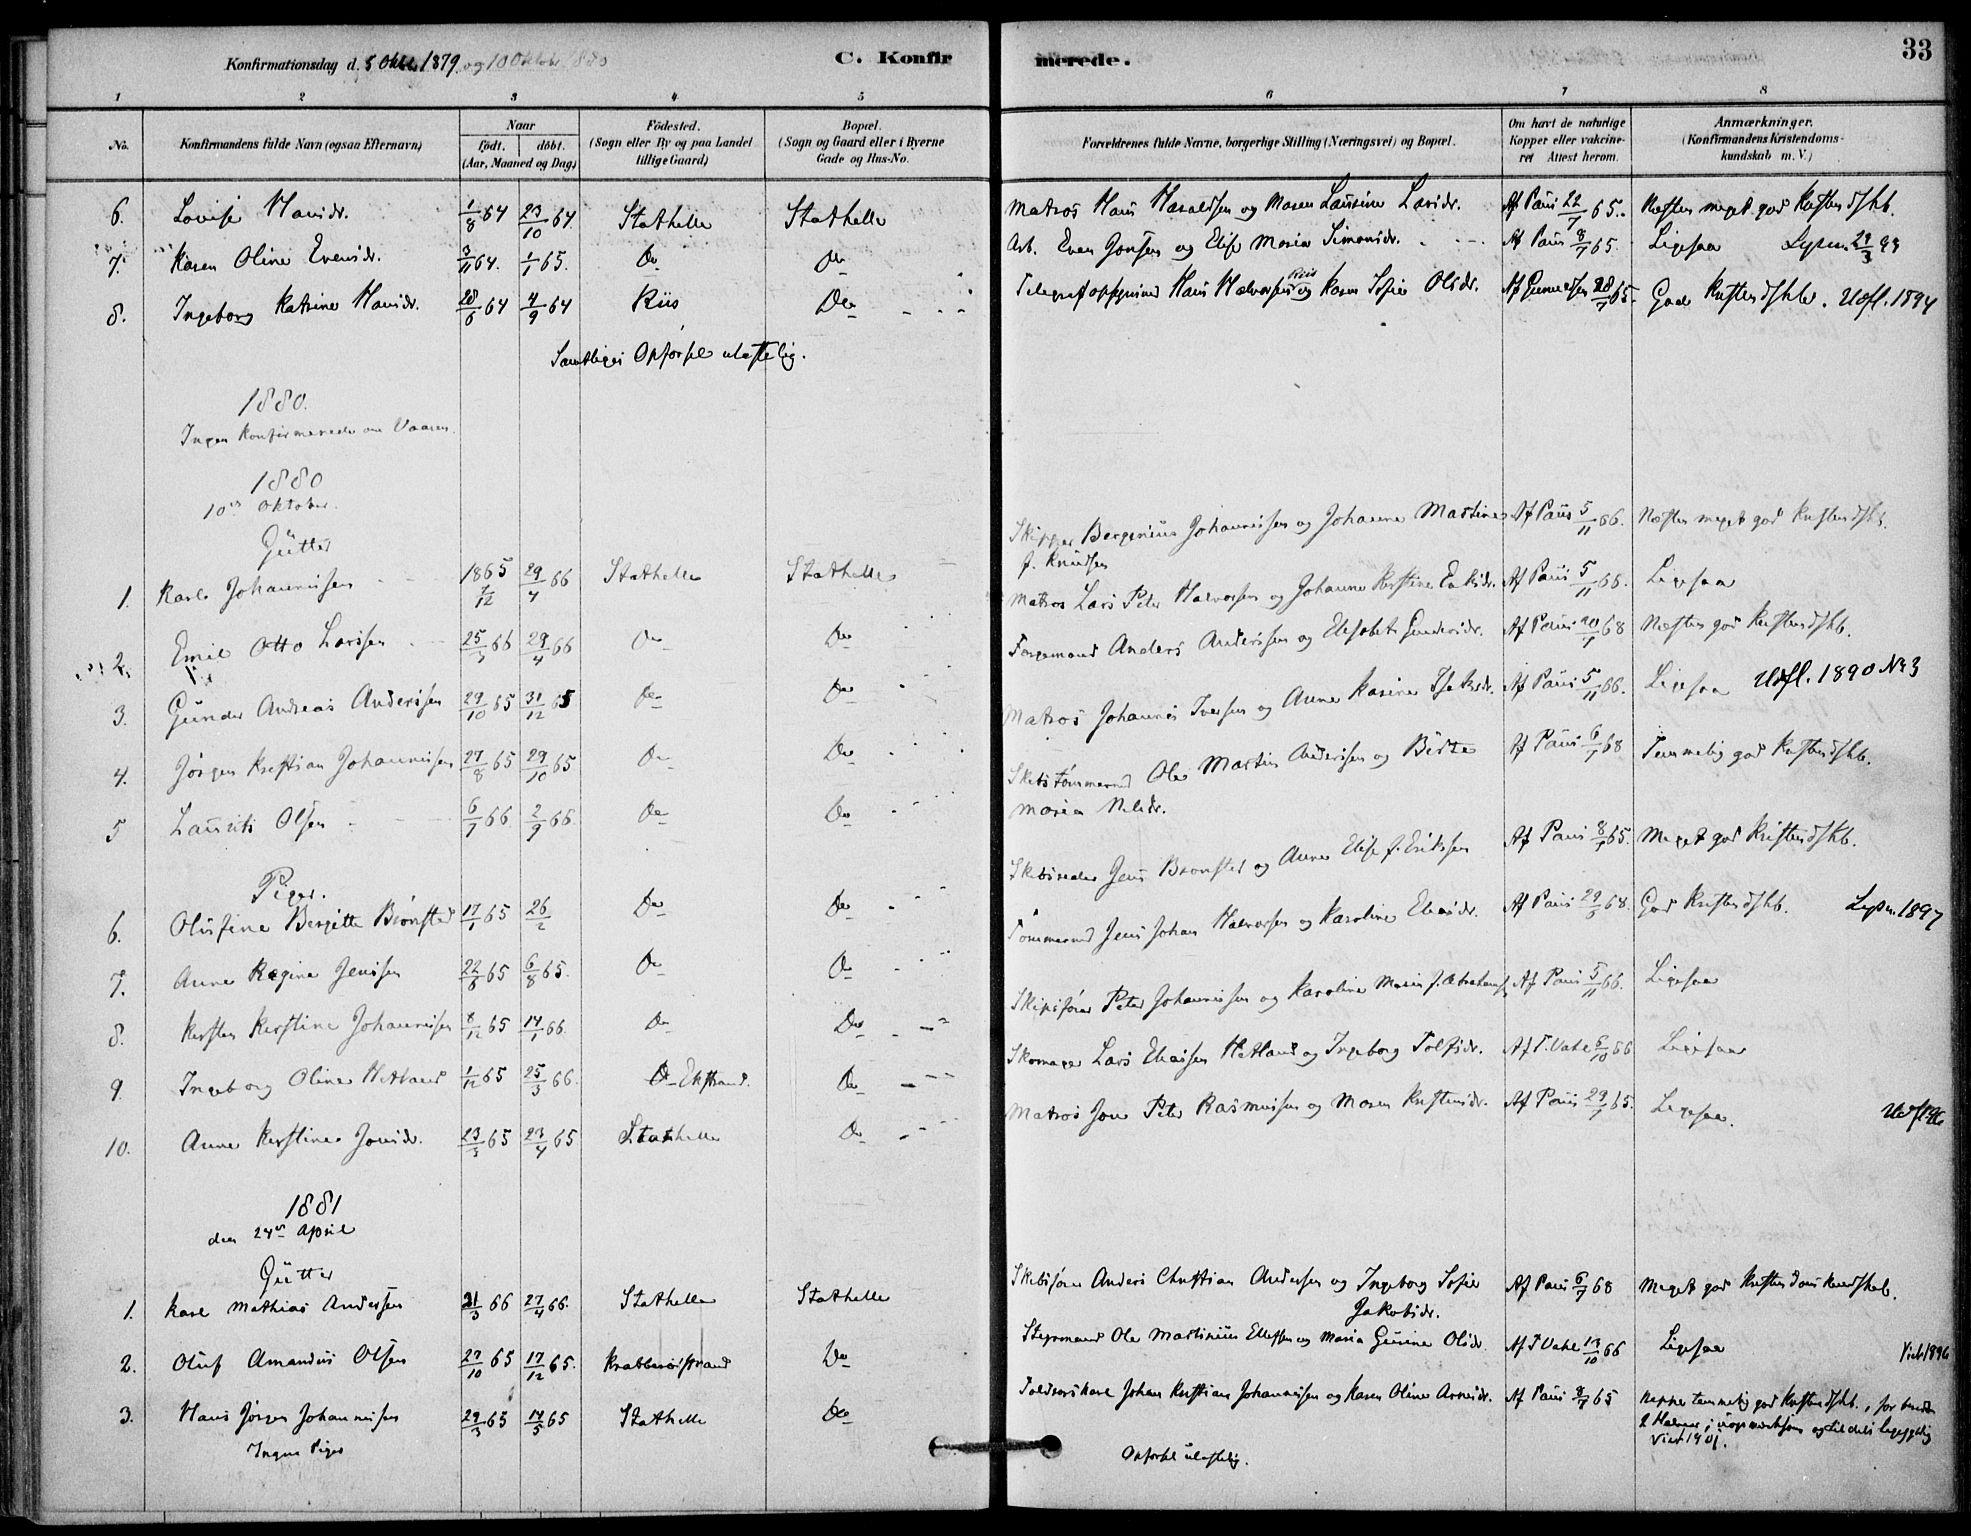 SAKO, Bamble kirkebøker, G/Gb/L0001: Klokkerbok nr. II 1, 1878-1900, s. 33